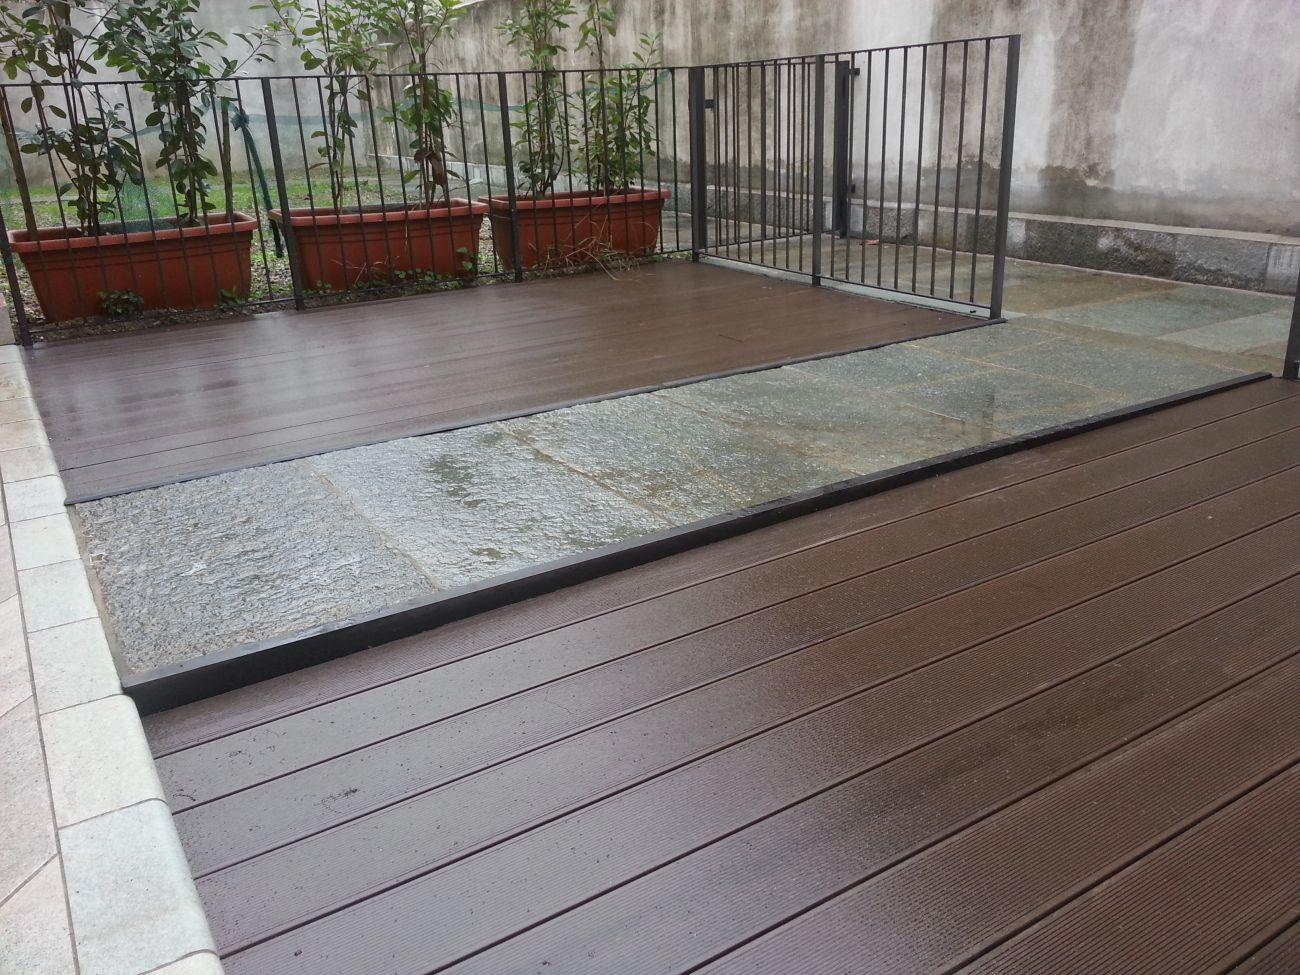 Finest parquet per esterni by soriano pavimenti induno for Design del pavimento domestico